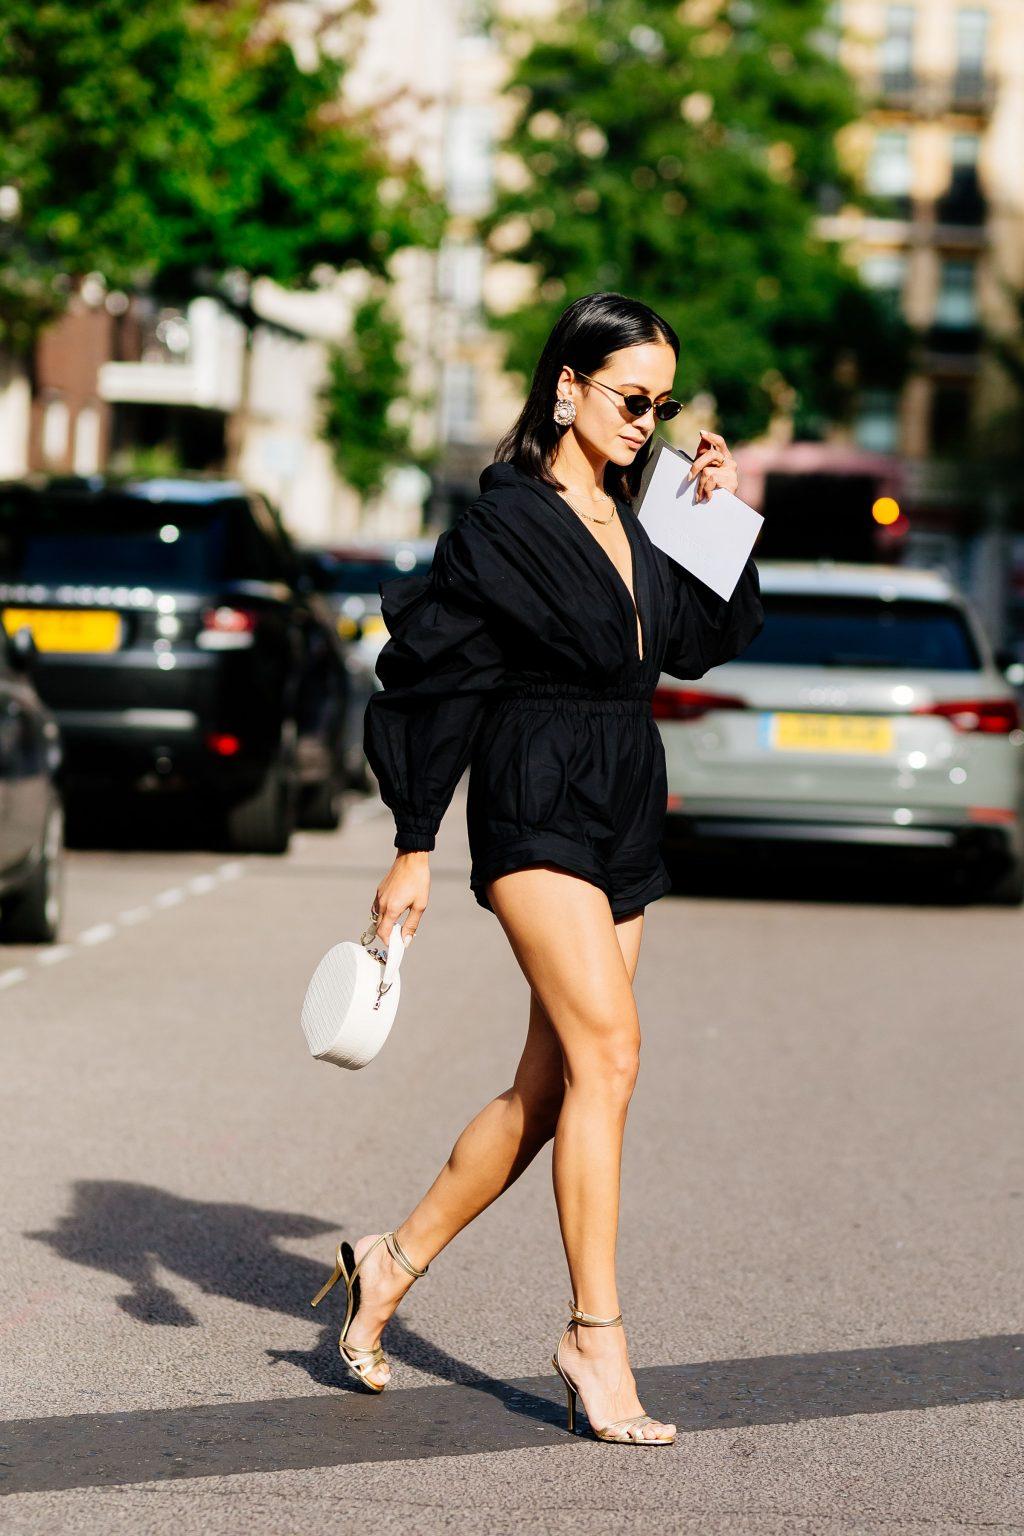 xu hướng thời trang đường phố jumpsuit tay phồng